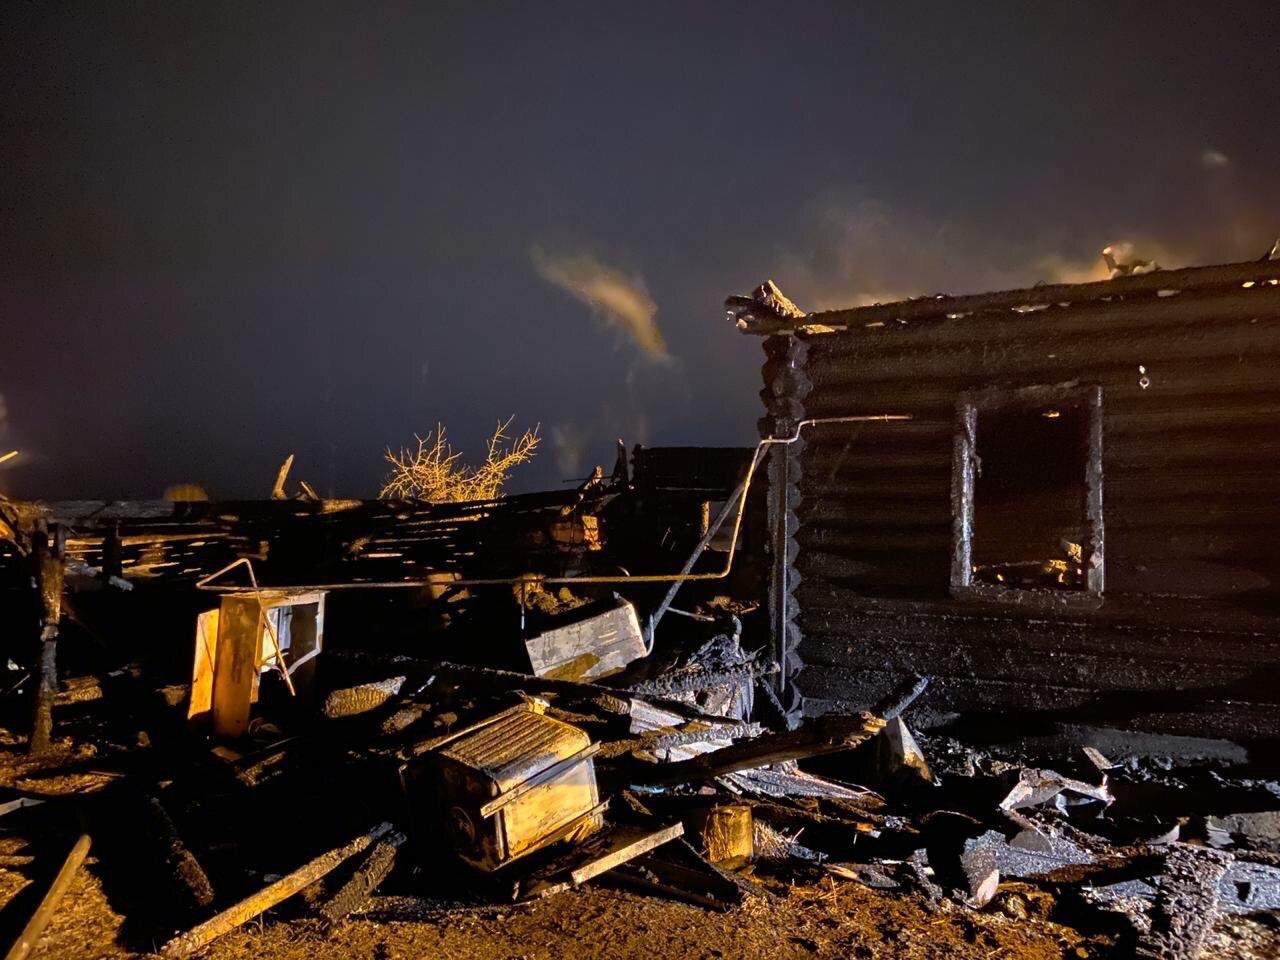 Правительство окажет помощь семье, потерявшей троих детей при пожаре